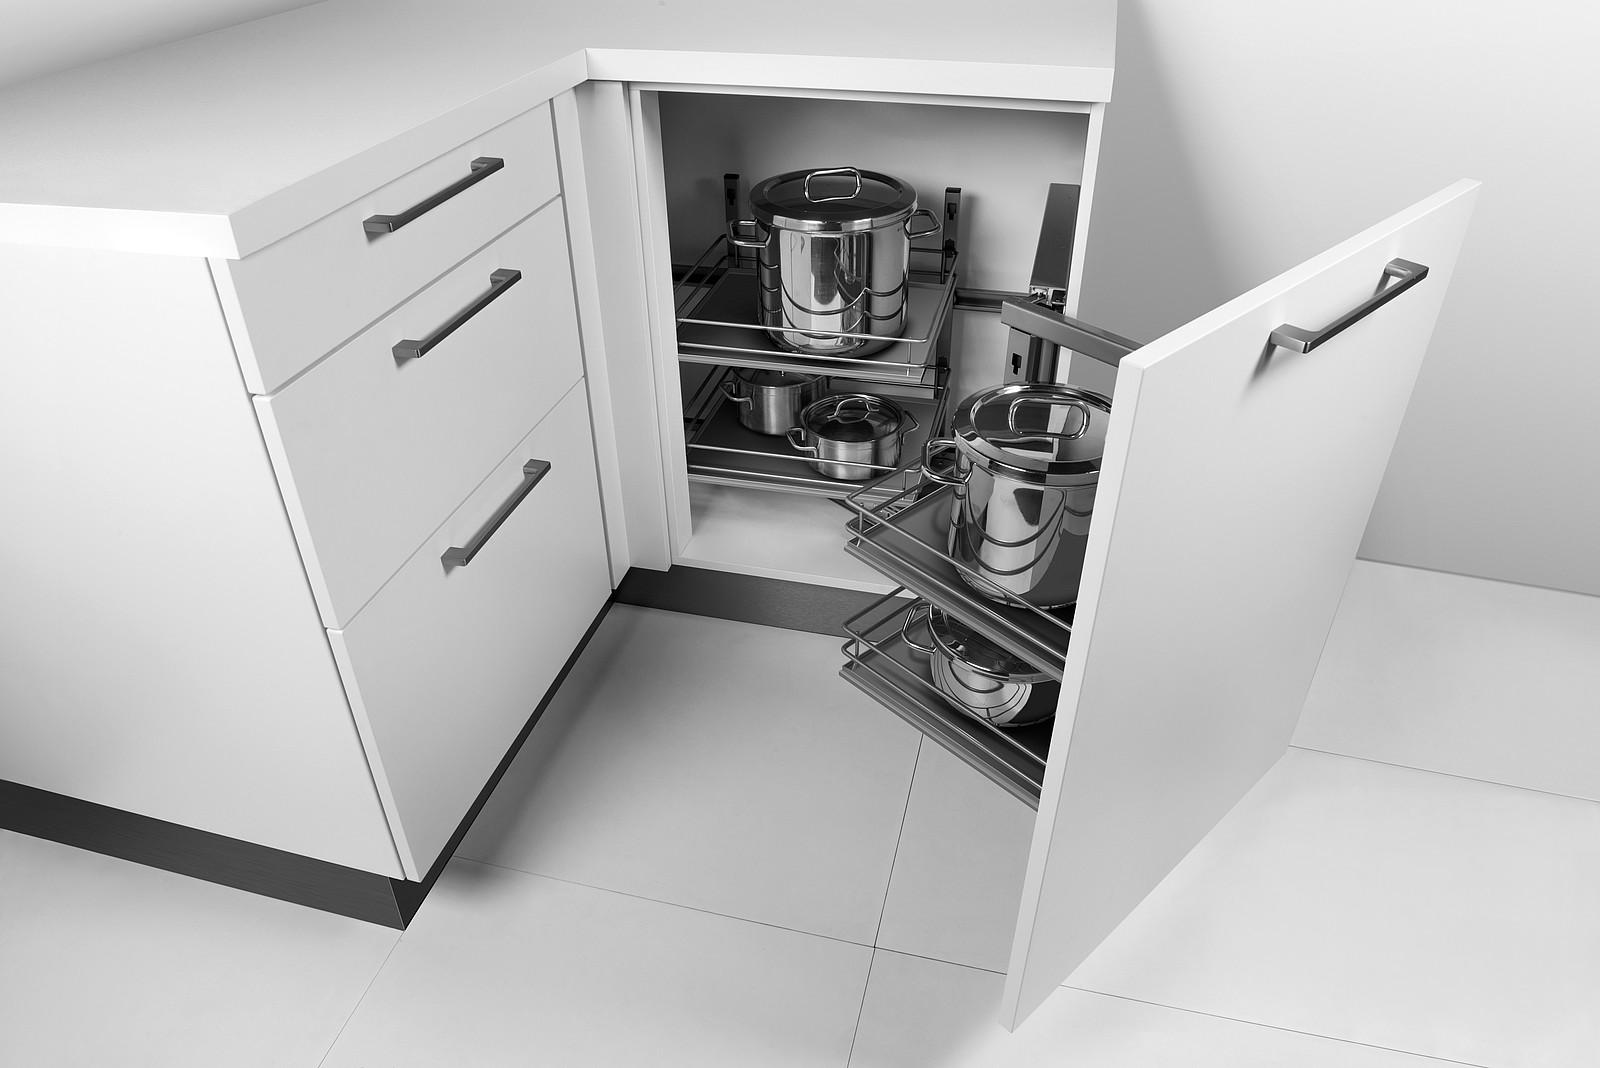 Full Size of Eckunterschrank Küche Ohne Arbeitsplatte Eckunterschrank Küche Mit Rondell Eckunterschrank Küche Hornbach Eckunterschrank Küche 60x60 Ikea Küche Eckunterschrank Küche